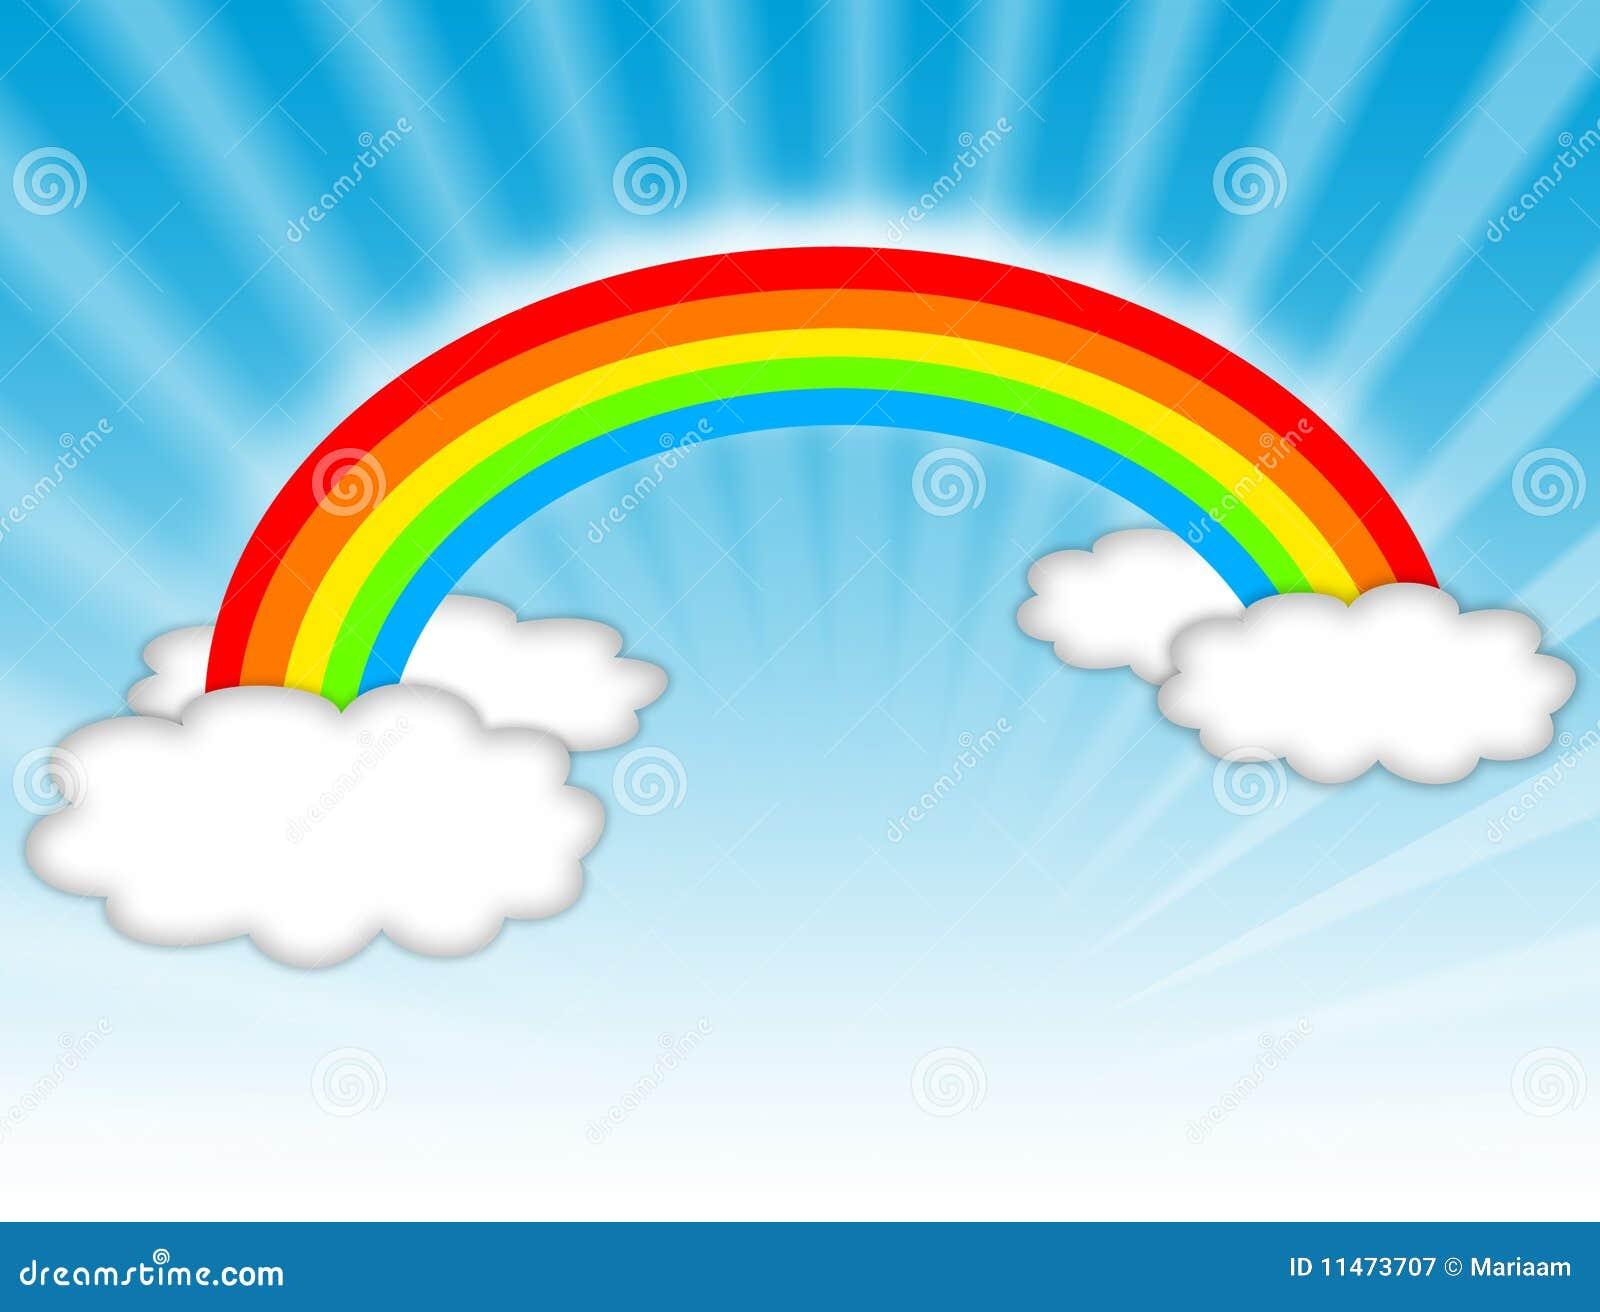 De illustratie van de regenboog